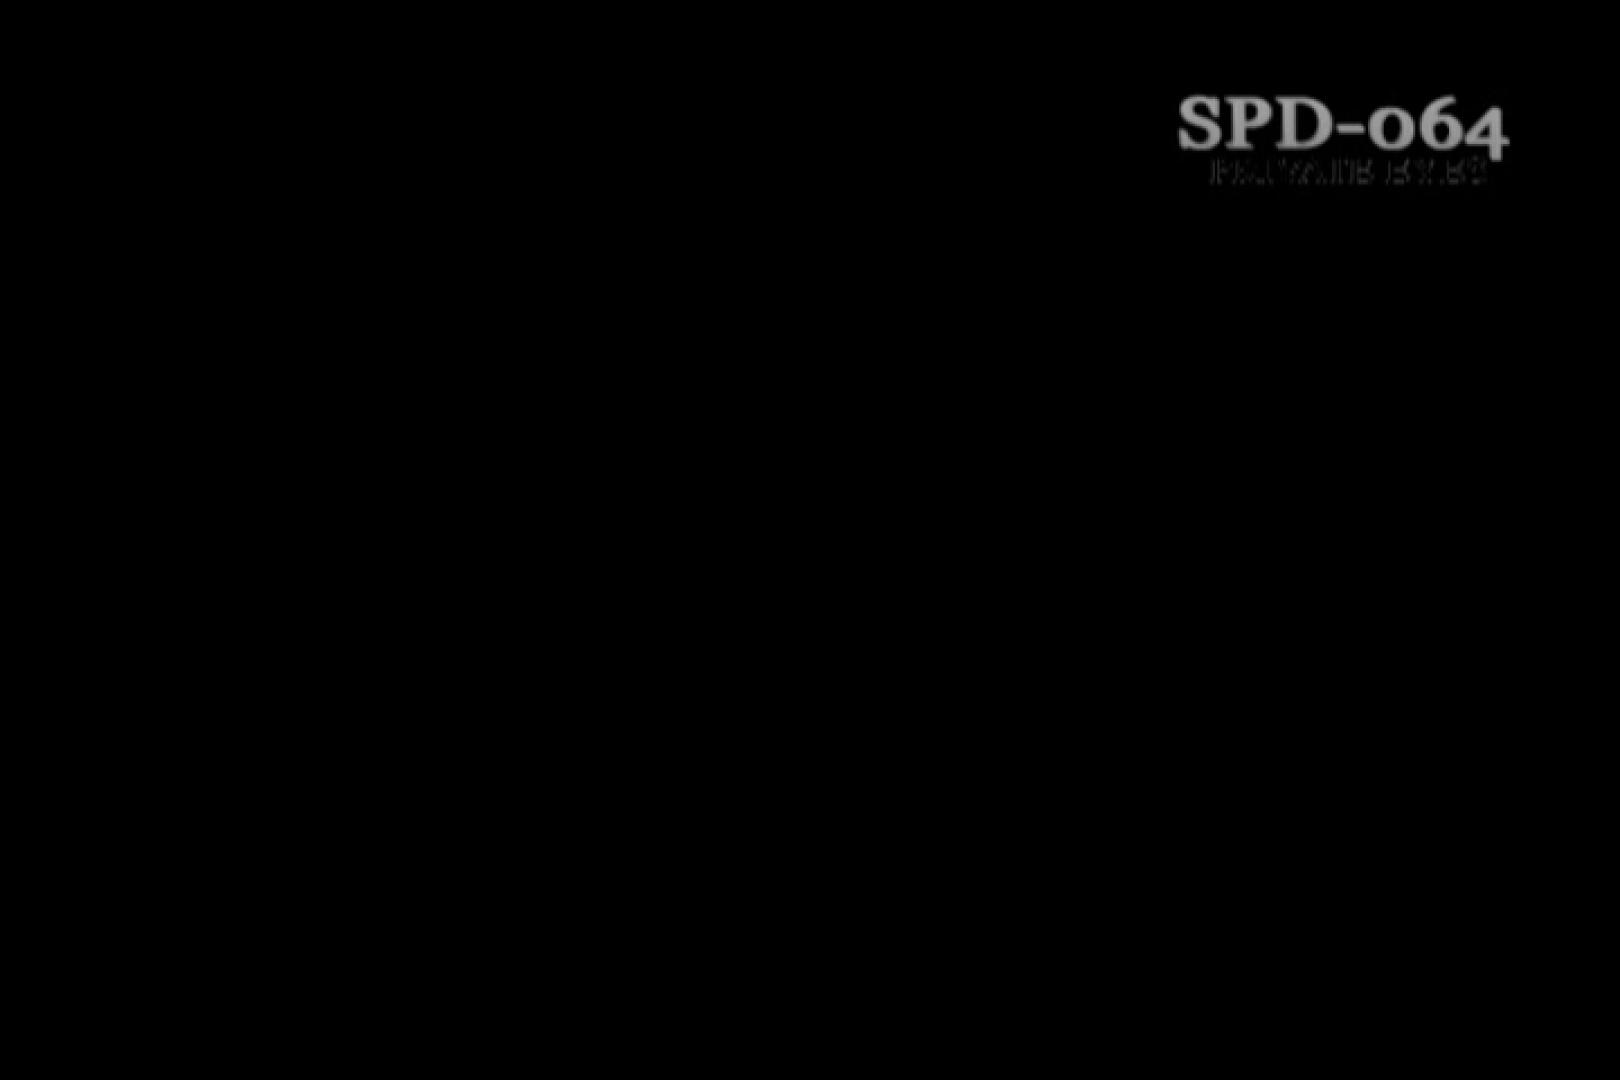 高画質版!SPD-064 盗撮 7 湯乙女の花びら 高画質 オメコ動画キャプチャ 94pic 22